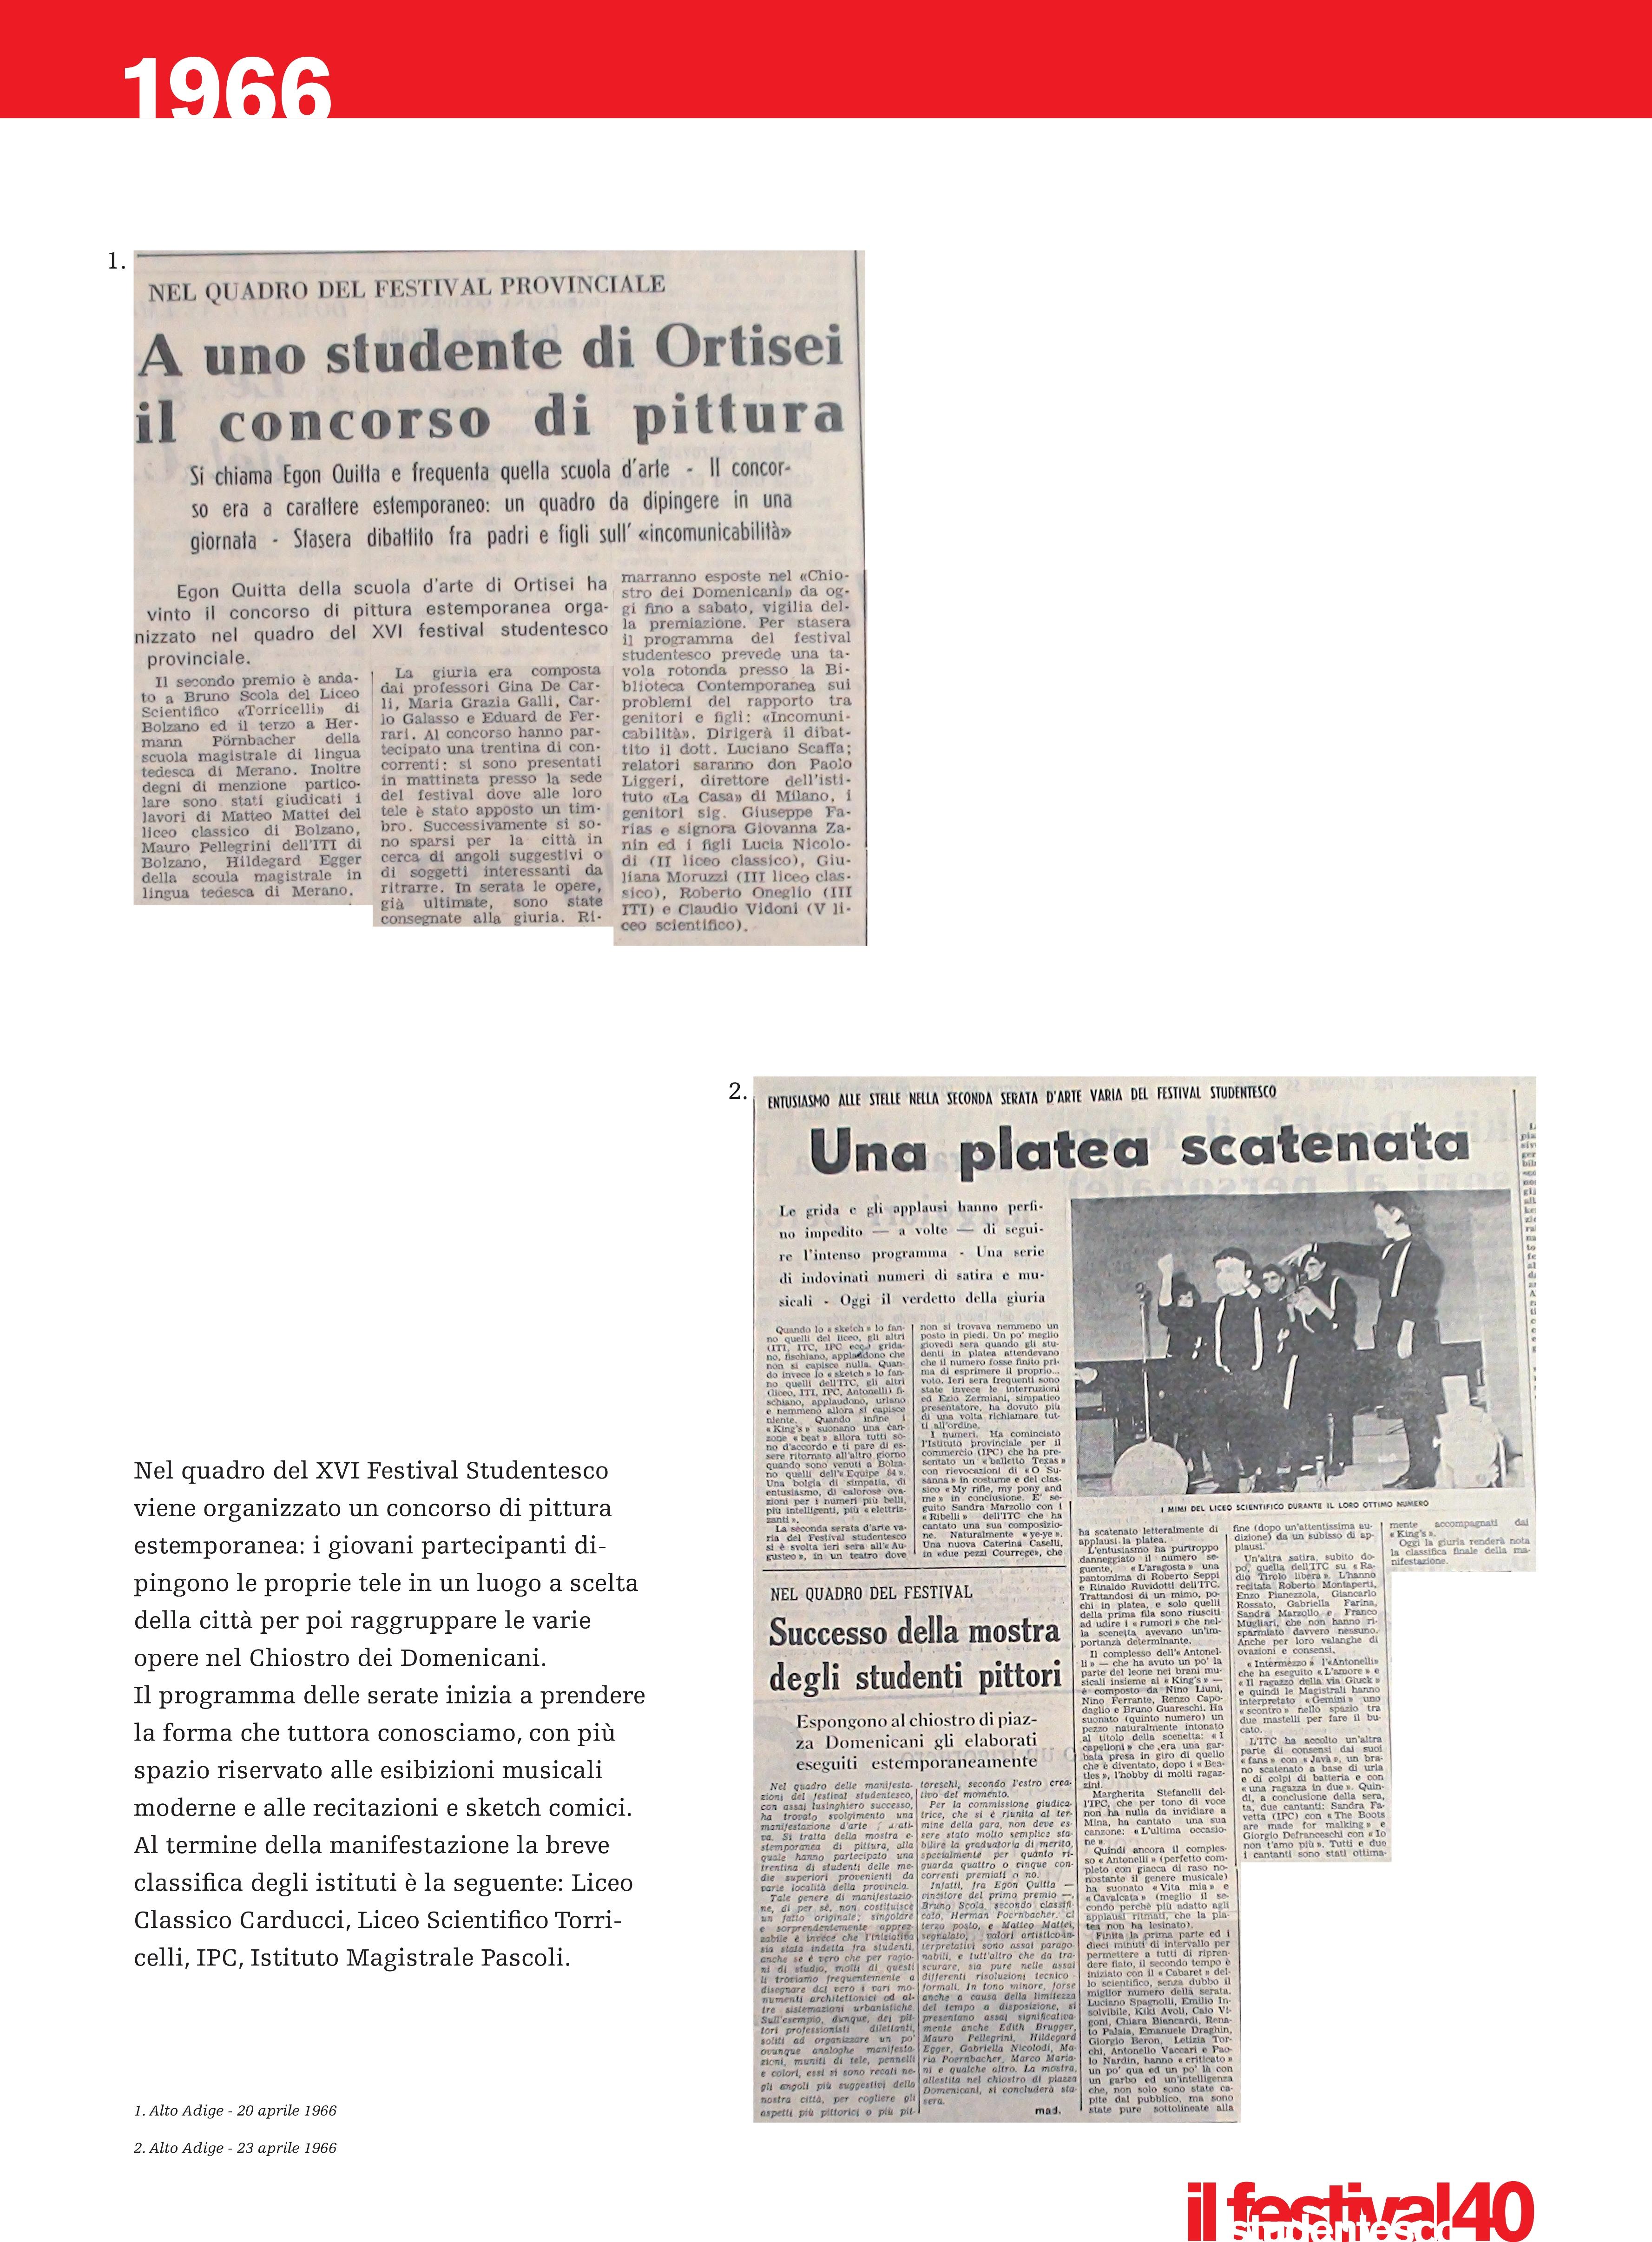 1966_1.jpg